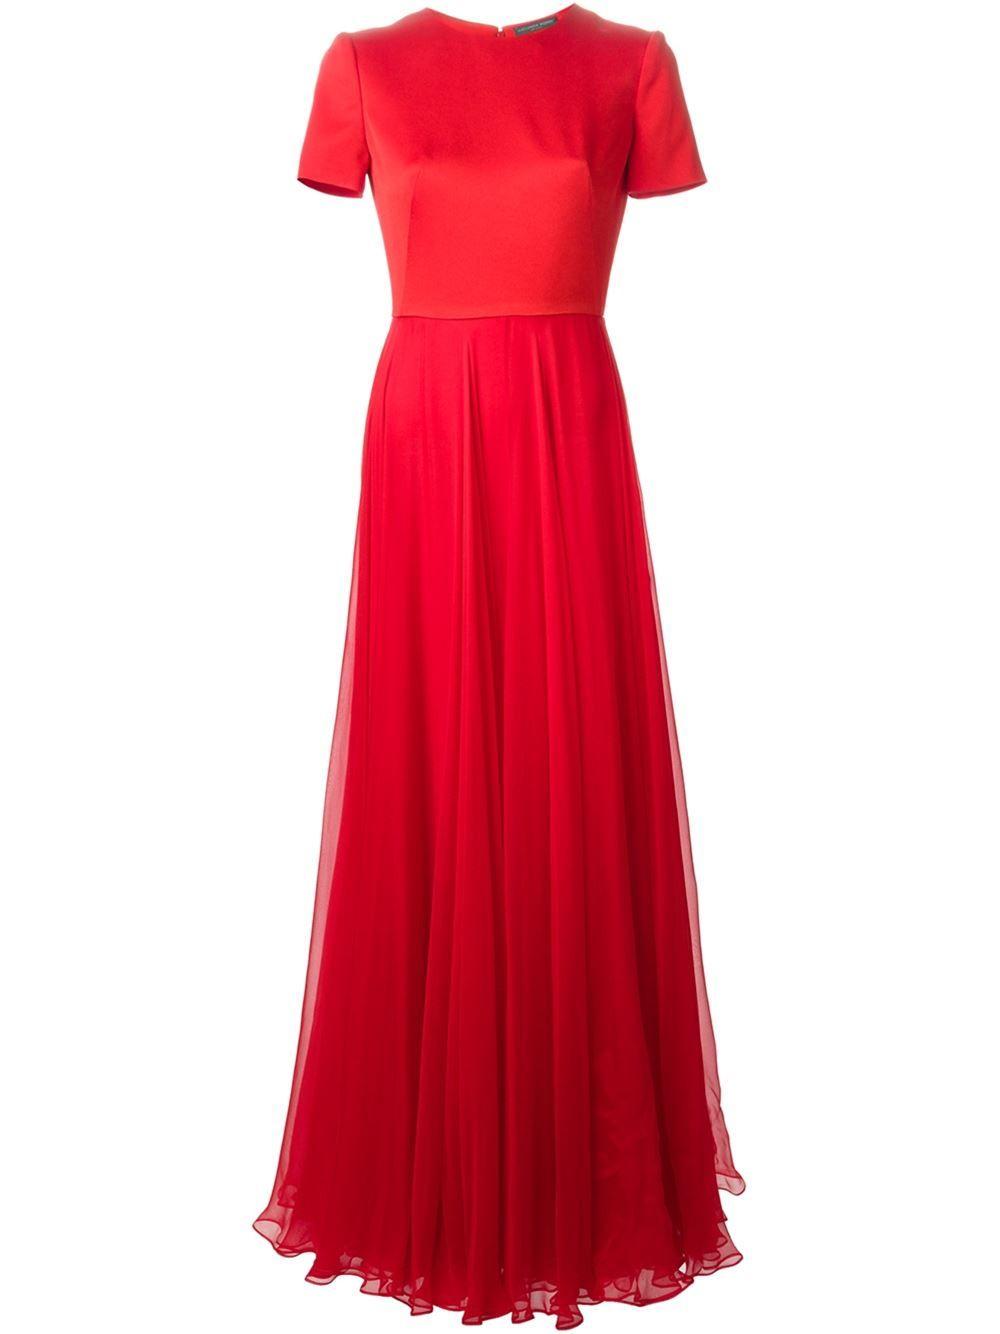 Alexander Mcqueen Pleated Evening Dress - Stefania Mode - Farfetch.com